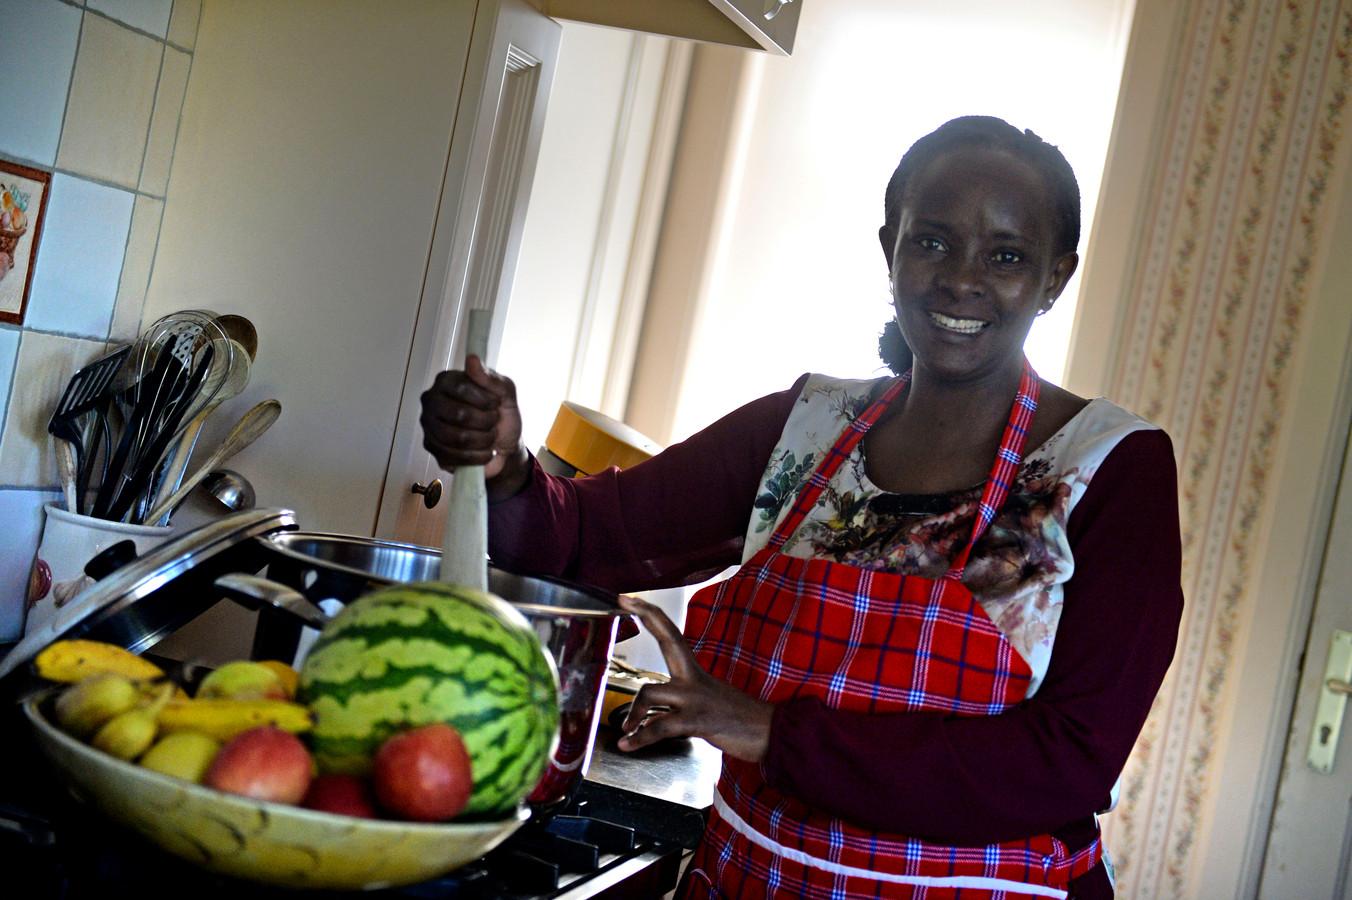 Borne - dilia uit Kenya is zich snel aan het inburgeren in Borne. Geeft onder meer in het kulturhus een workshop Afrikaans koken.